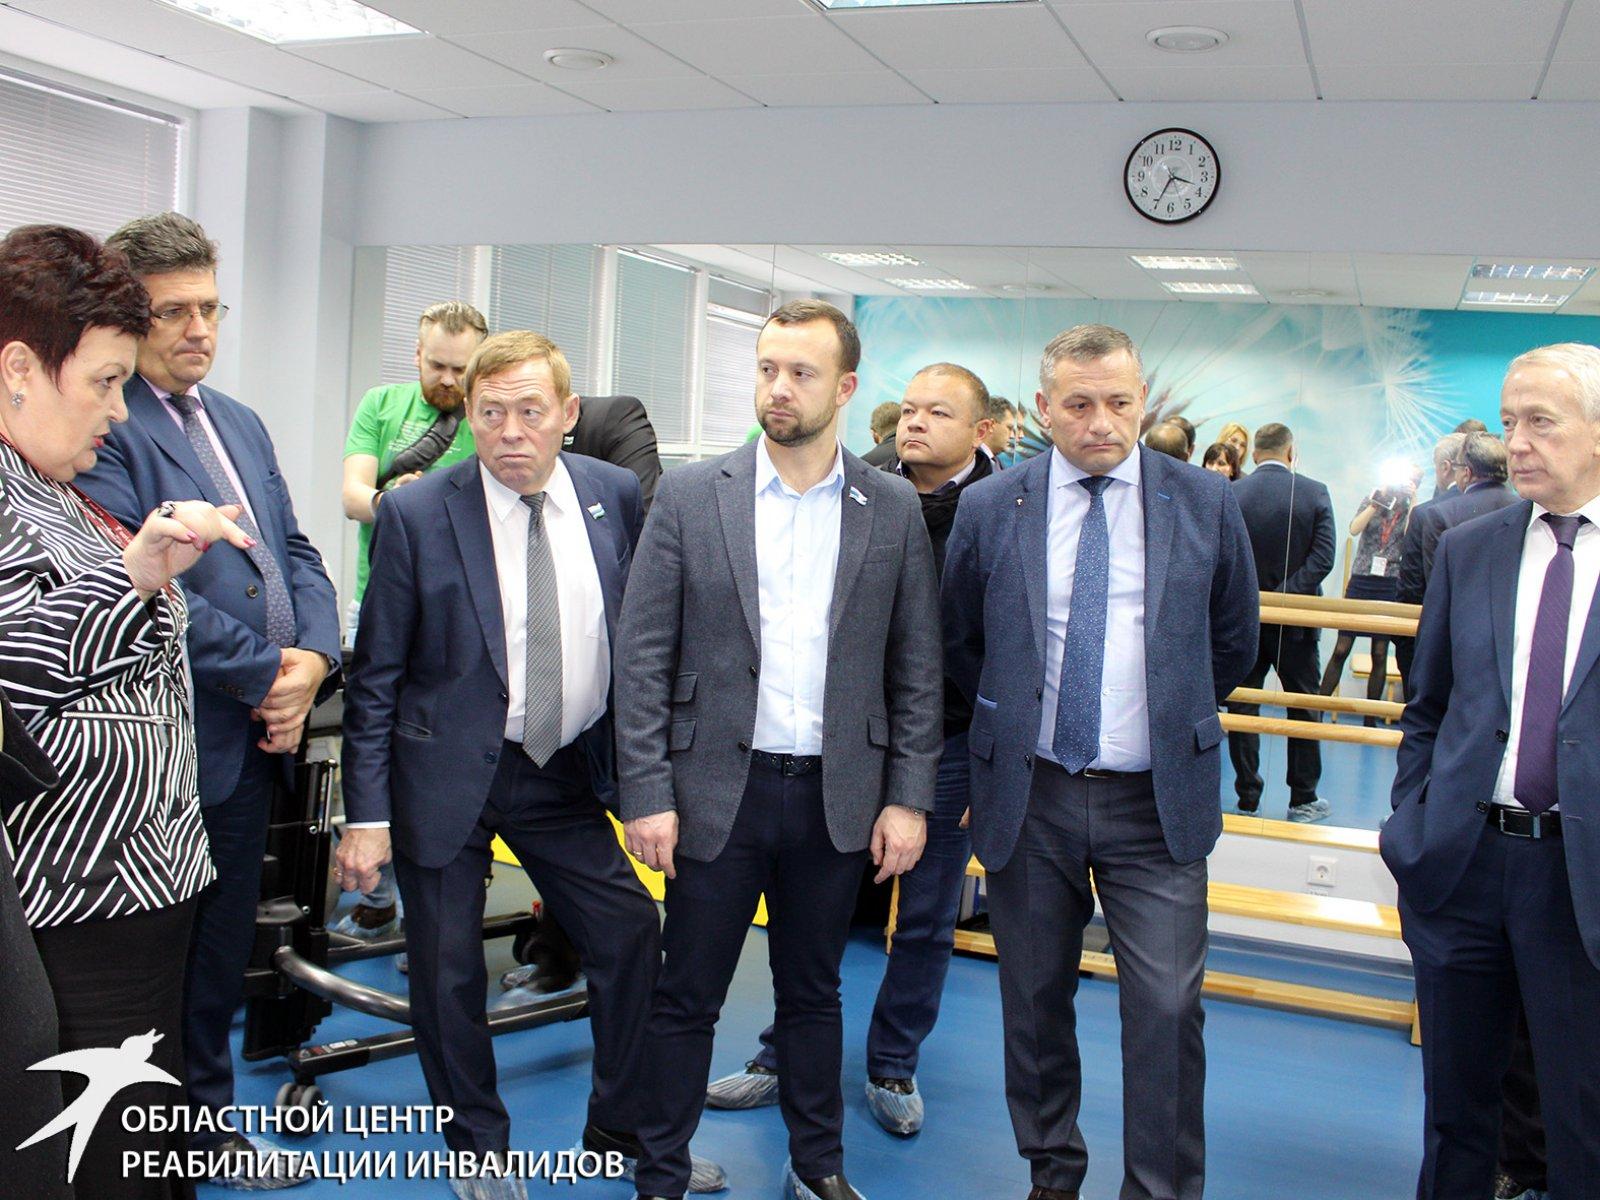 Депутаты Заксобрания посетили Областной центр реабилитации инвалидов